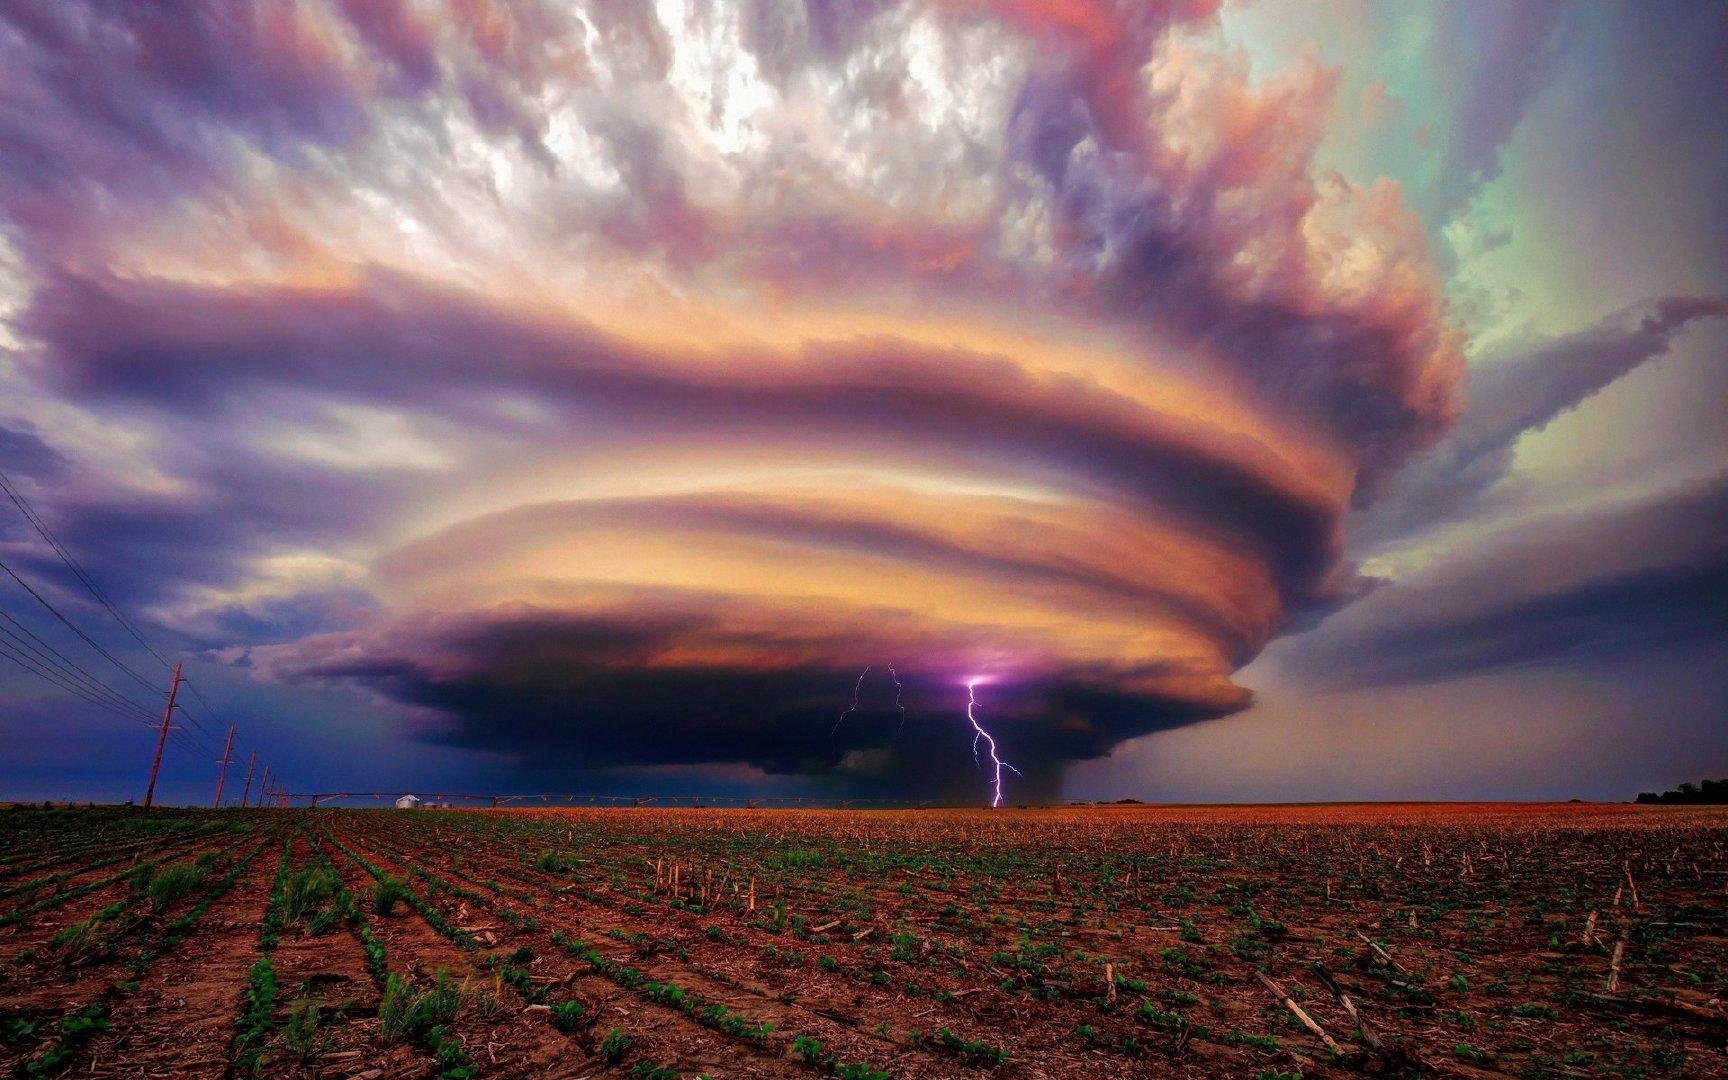 恐怖的飓风狂风4K高清图片素材